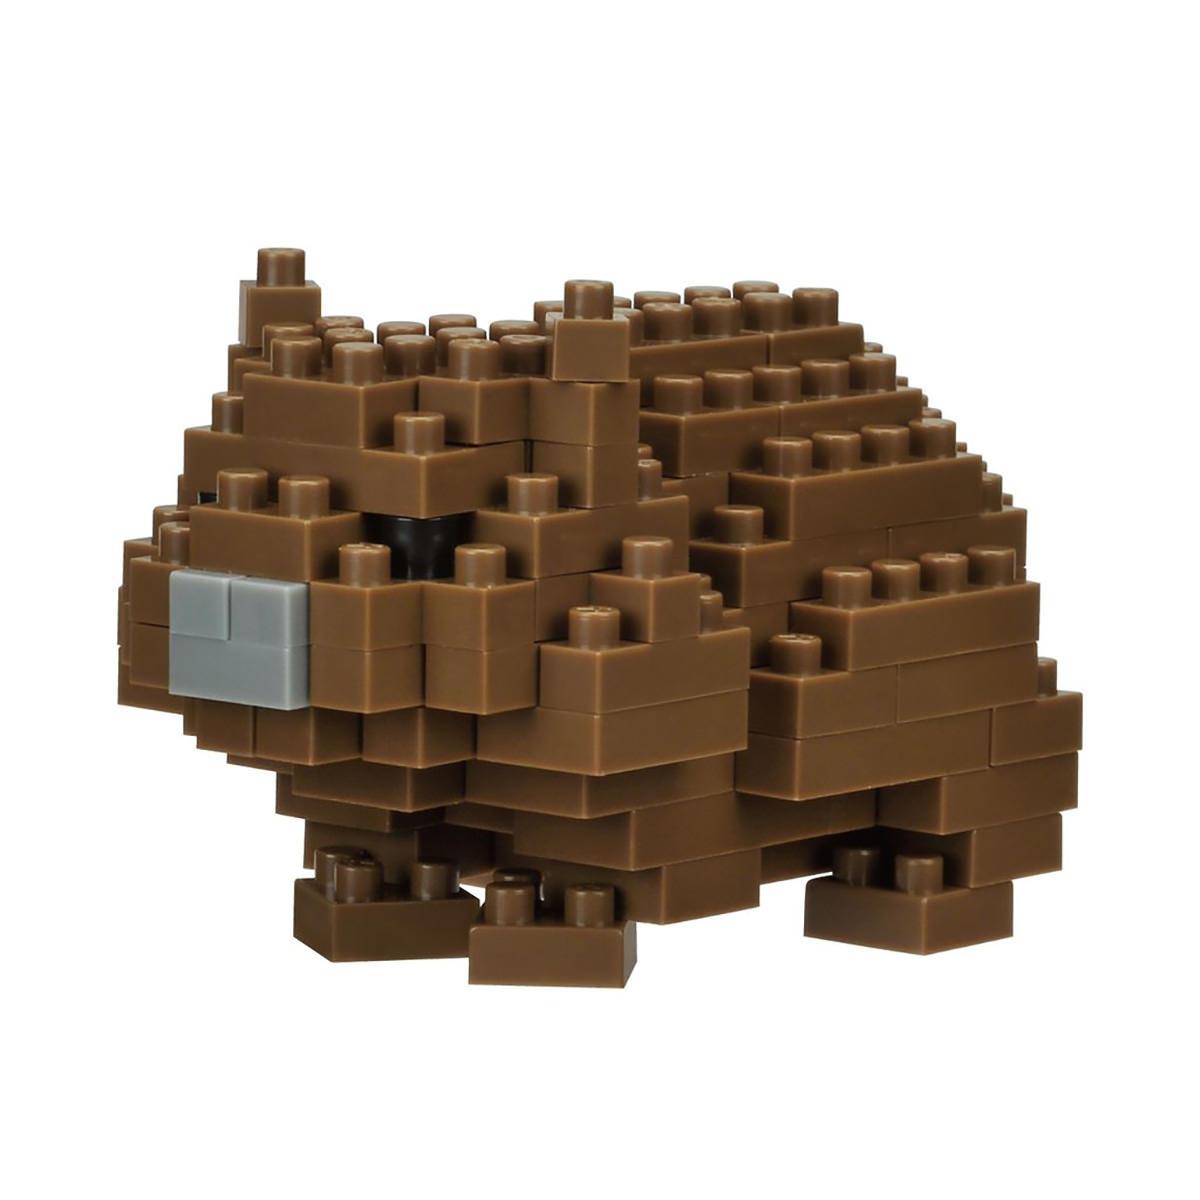 Nanoblock micro-sized construction set Koala